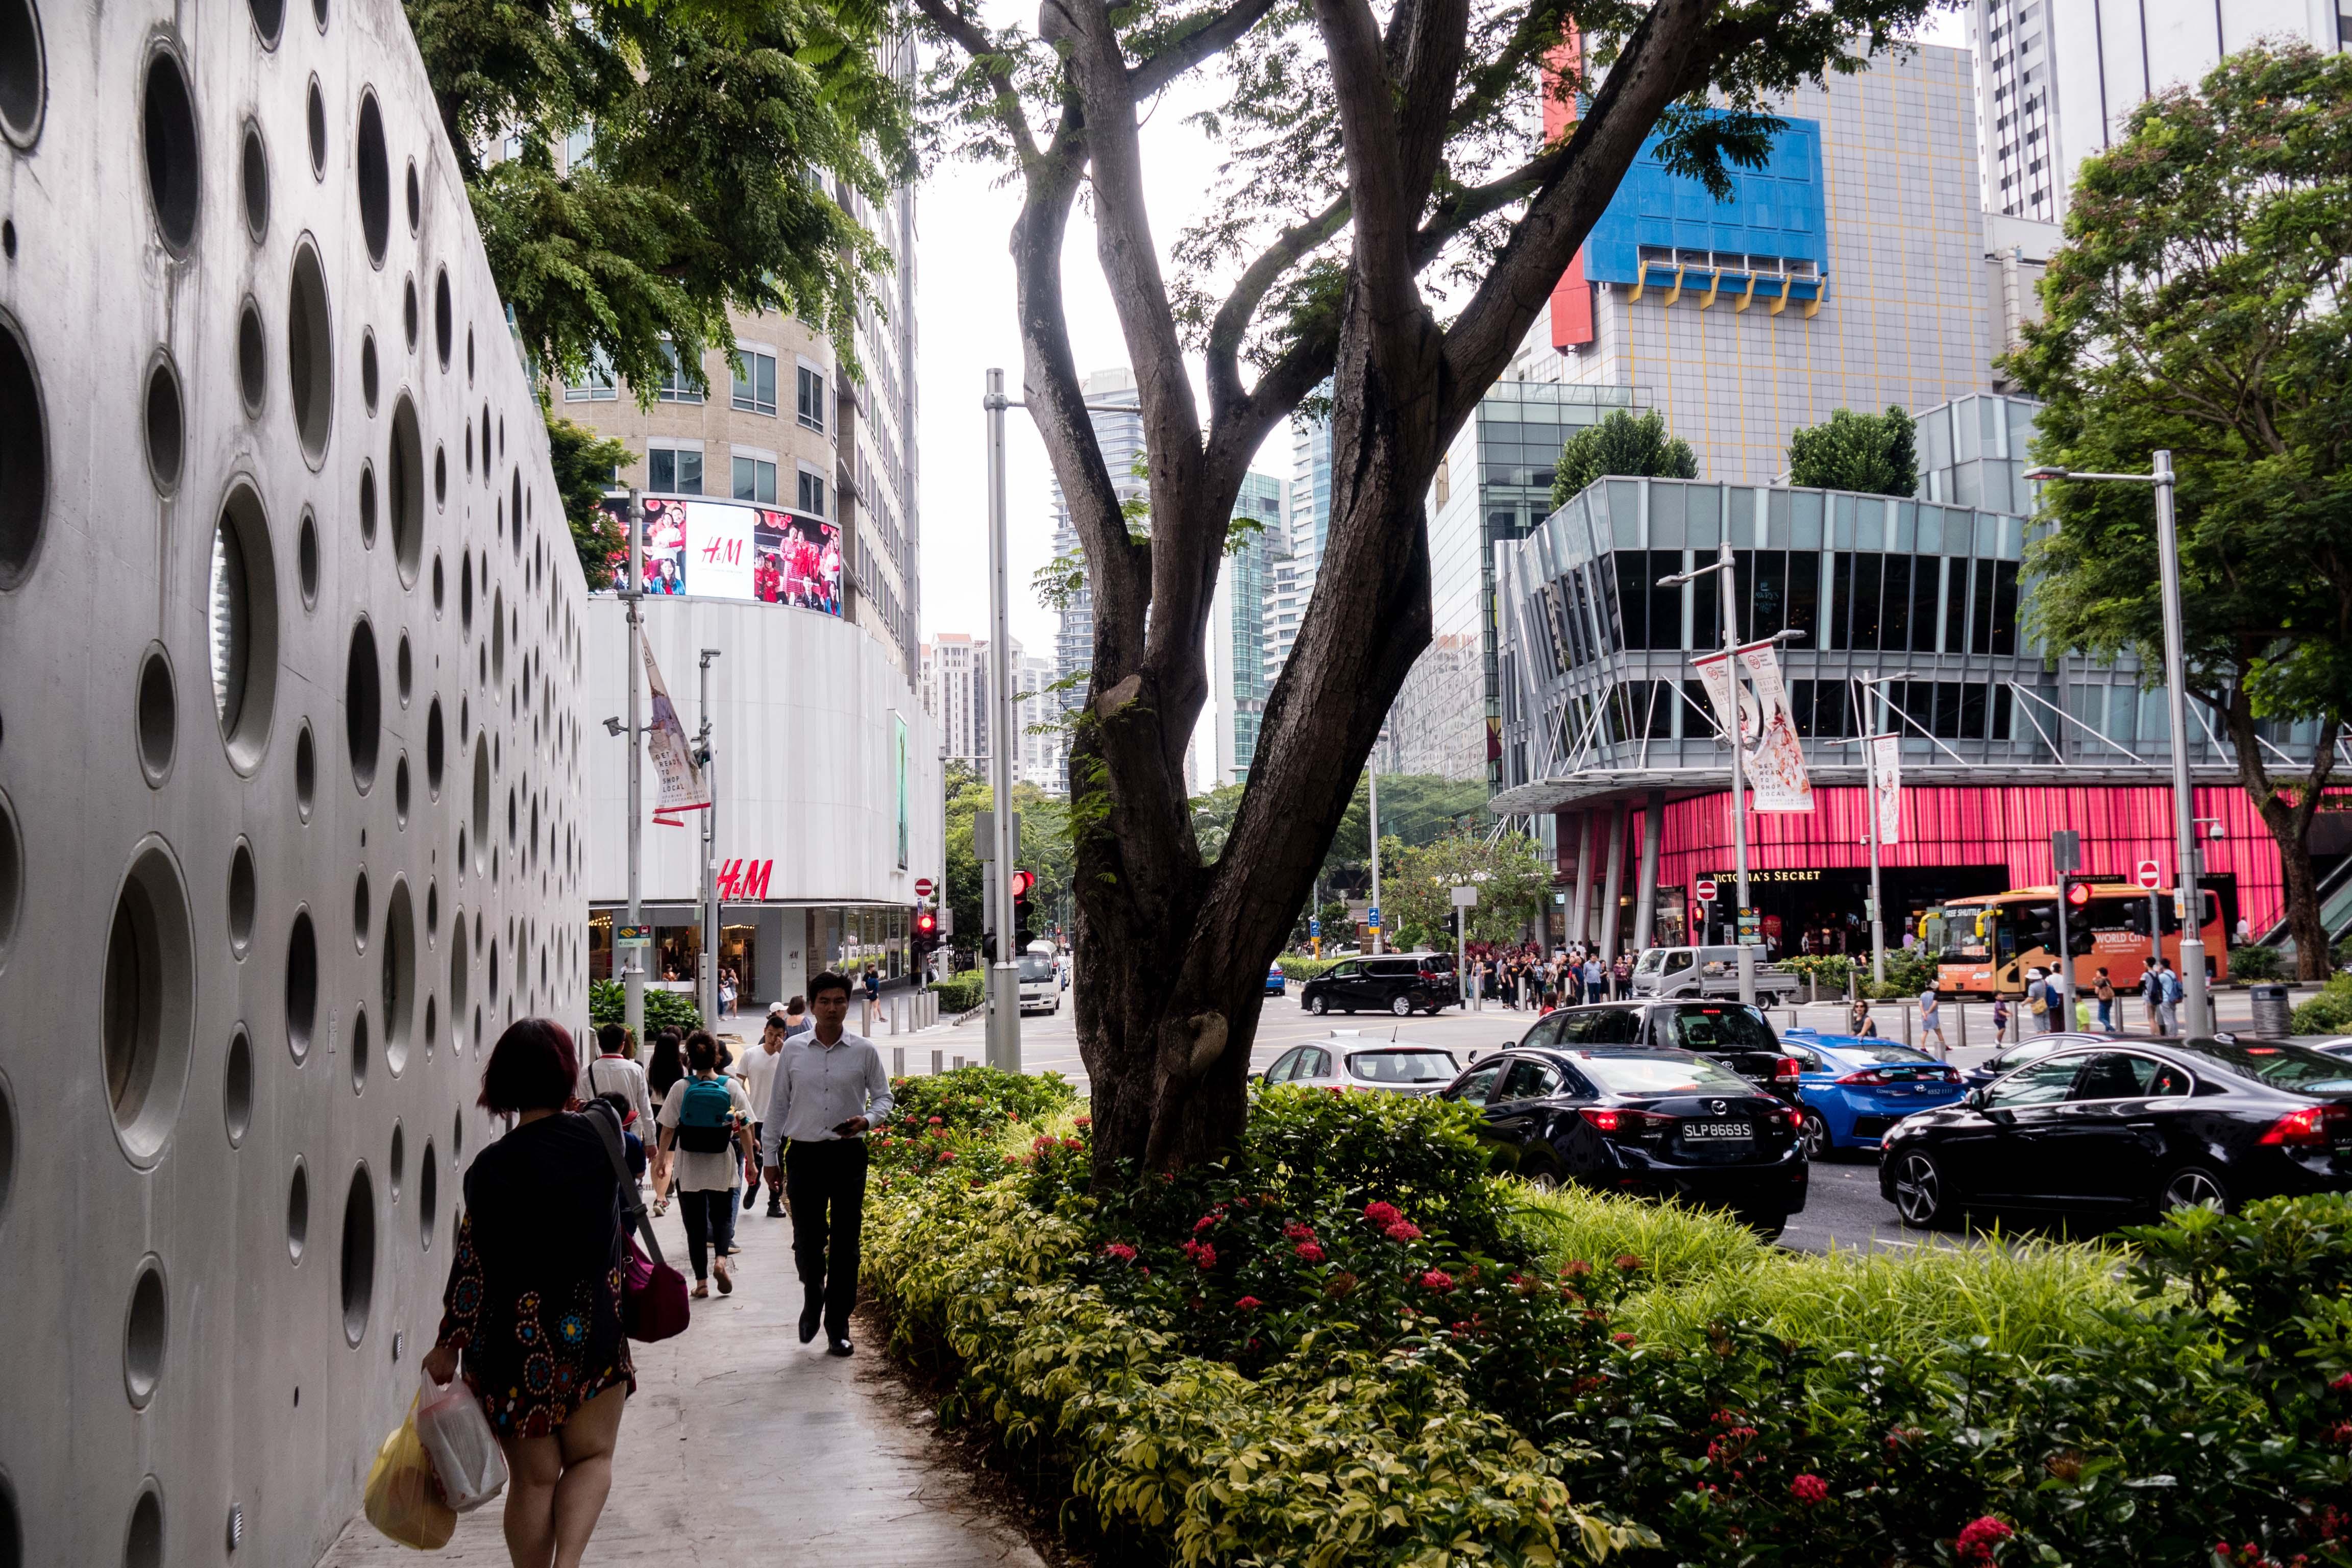 tuan-le-nghe-thuat-singapore-2019-elle-man-99